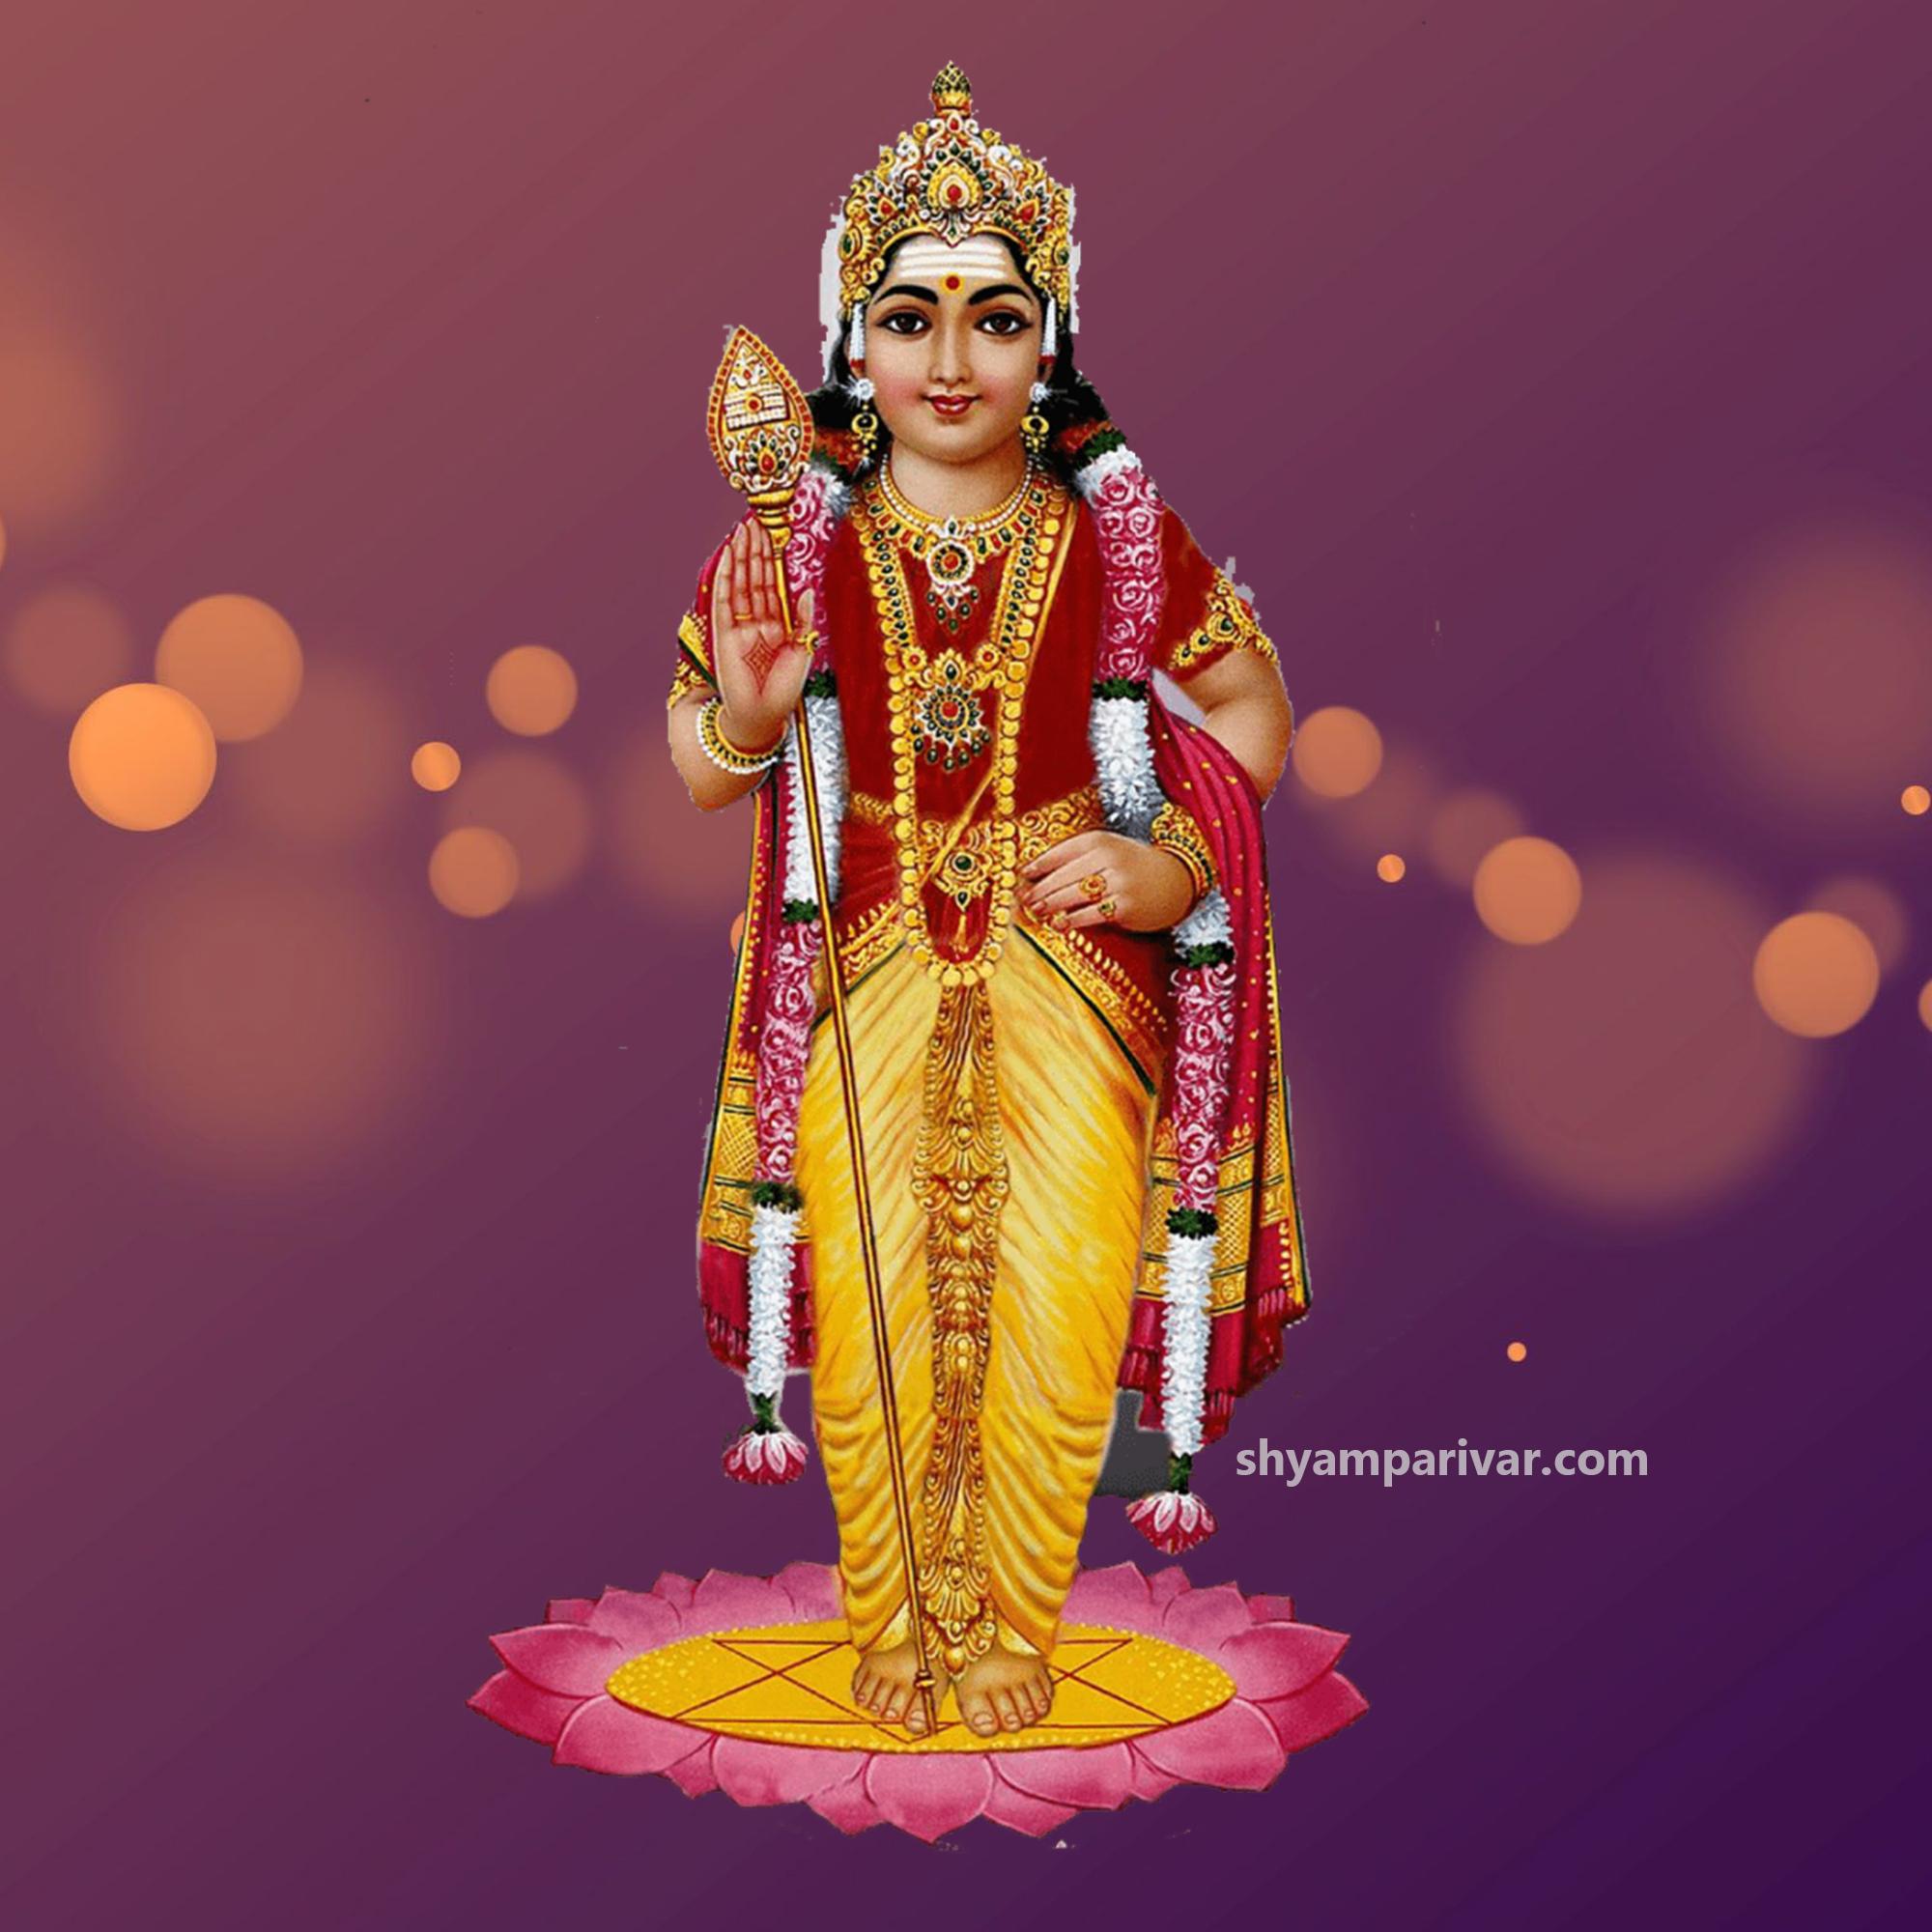 Lord Murugan HD Photo/Wallpapers